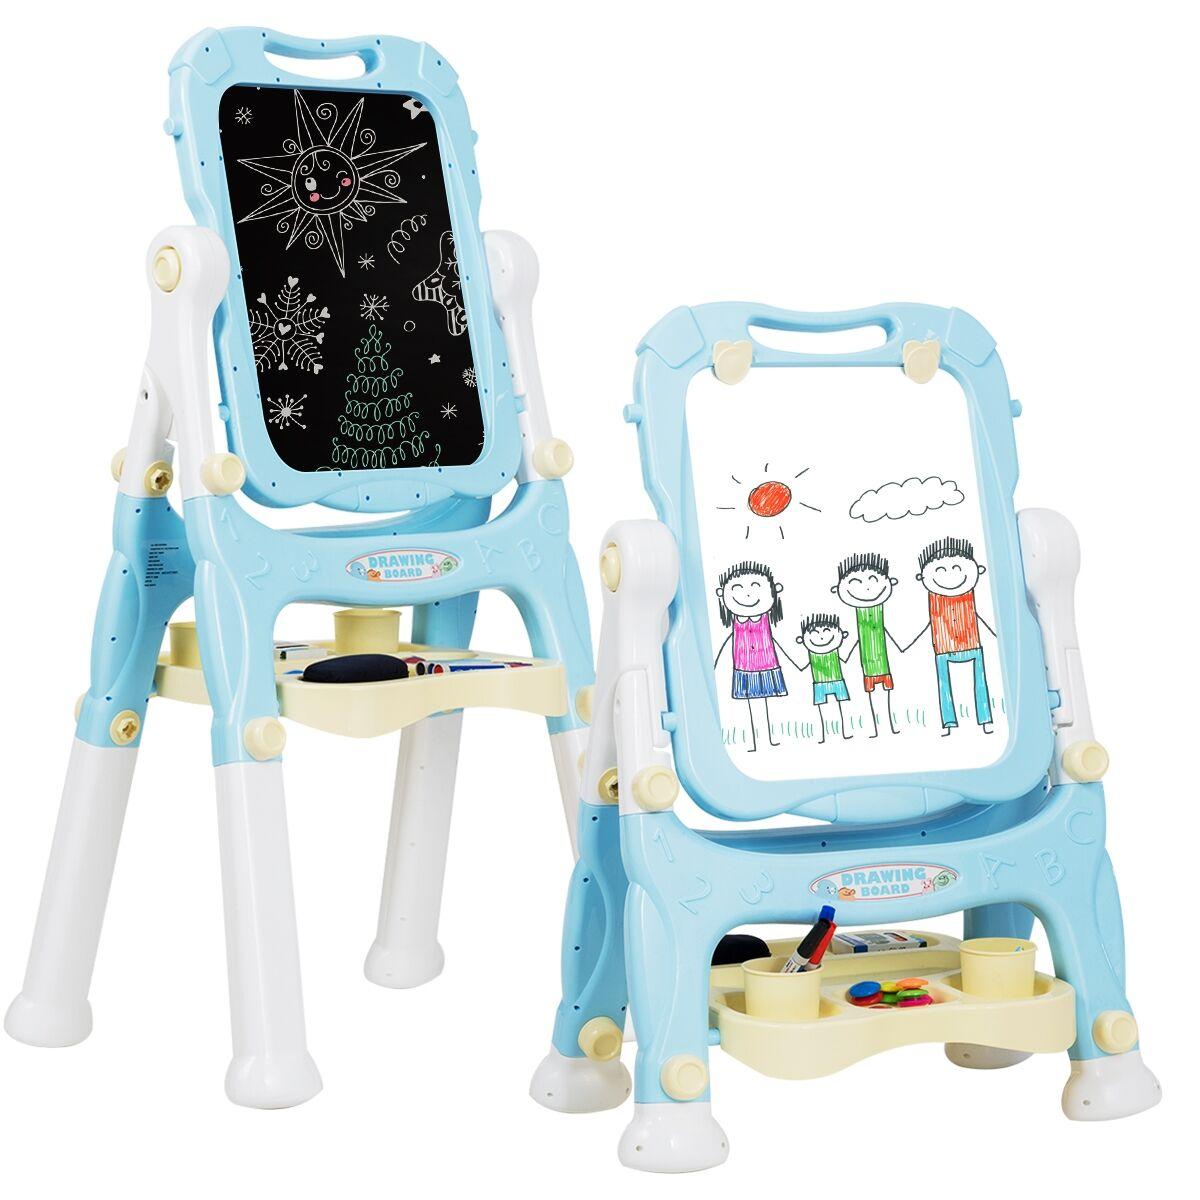 Costway Chevalet pour Enfant 2 en 1 Double Faces Accessoires pour Enfants plus de 3 Ans Bleu